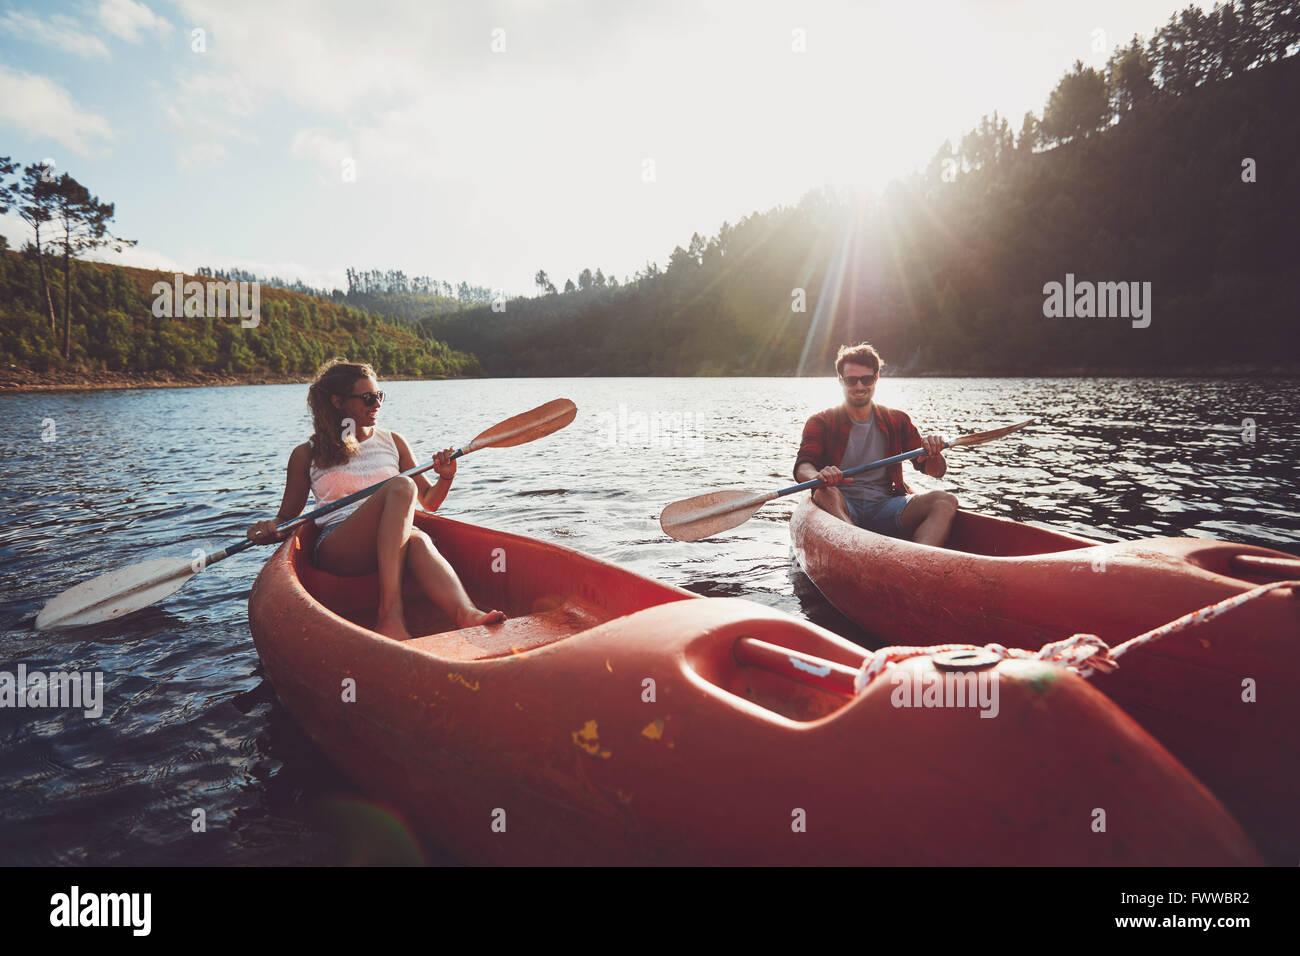 Coppia giovane kayak sul lago insieme su un giorno d'estate. L uomo e la donna in canoa in una giornata di sole. Immagini Stock